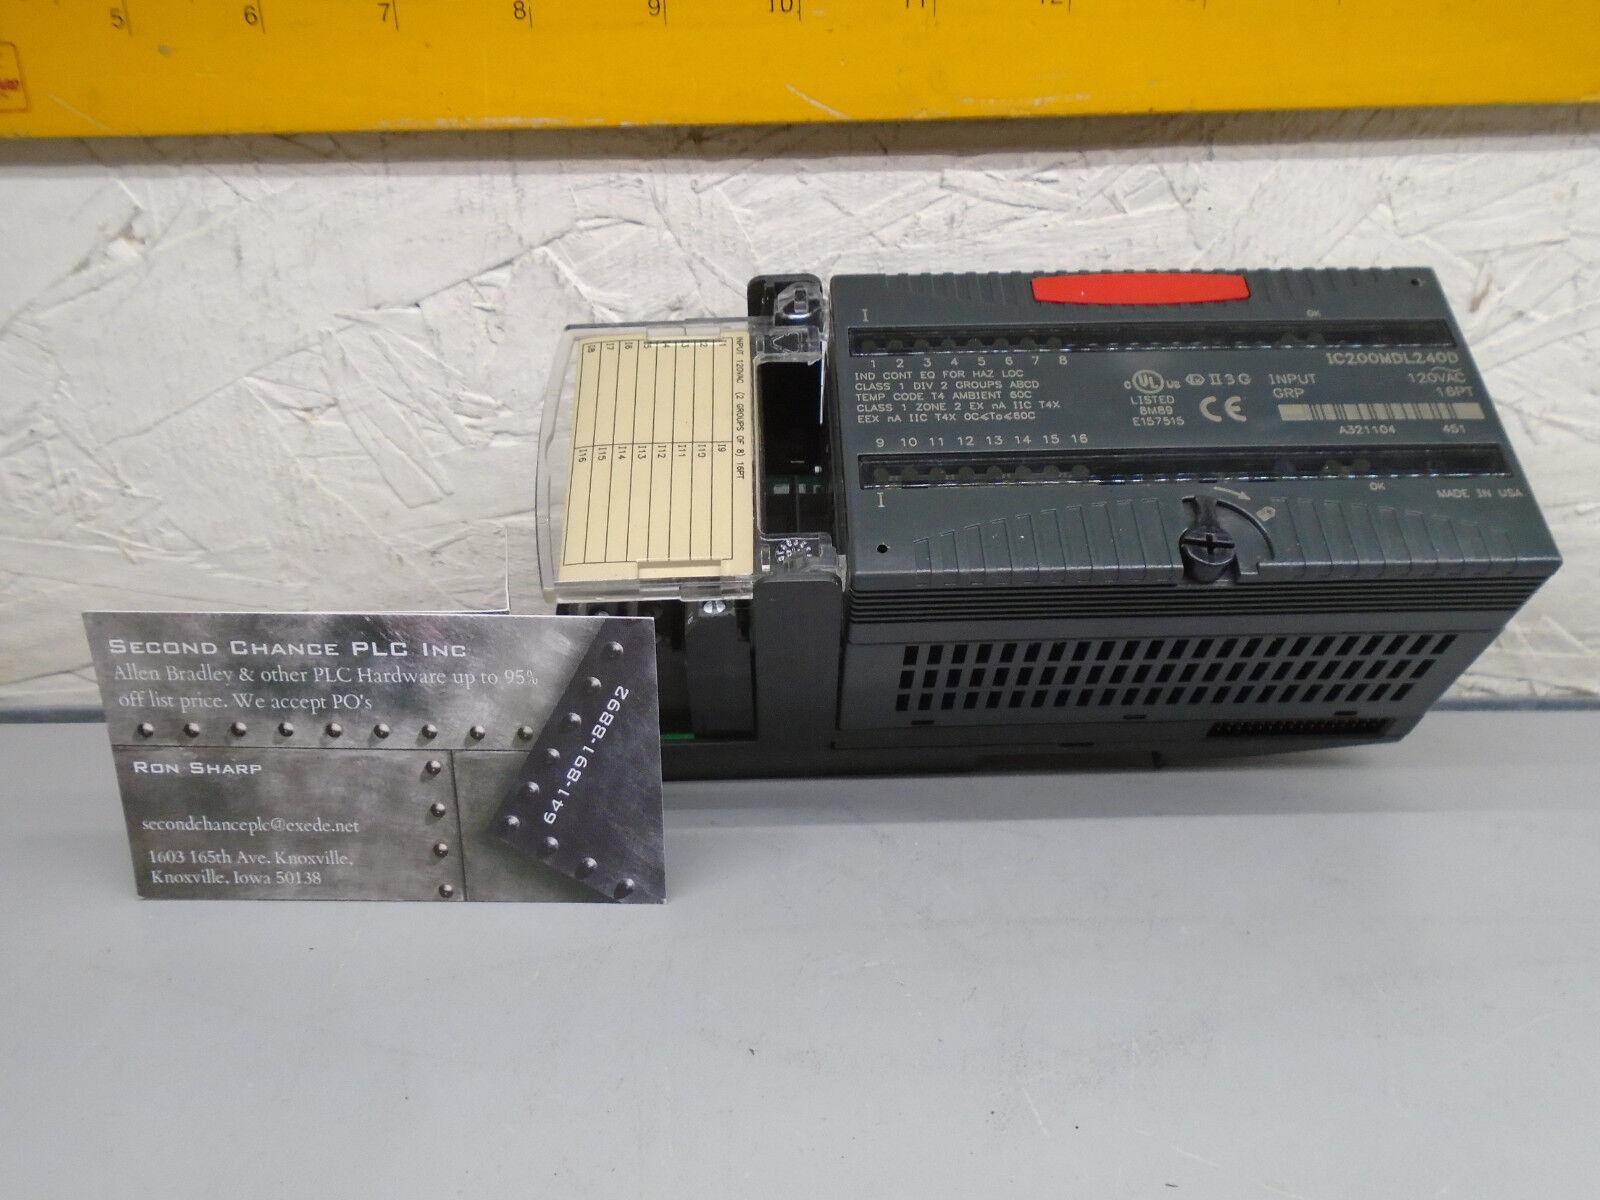 IC200MDL240 D GE Fanuc 120 vac Input  IC200MDL240D    W383